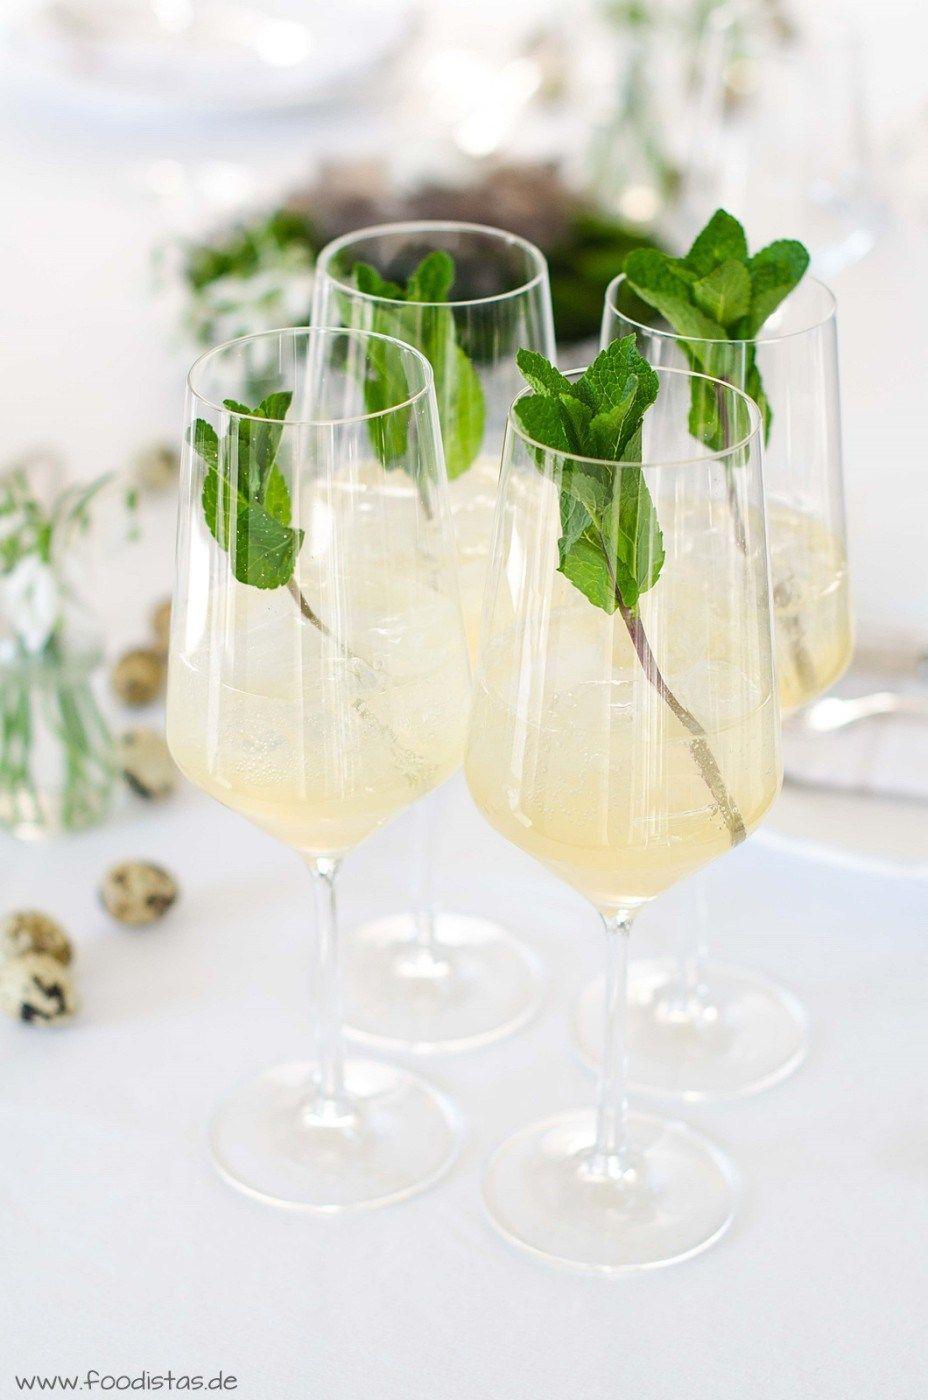 Rezept Drink, Drink zu Ostern, Gin Cocktail Rezept   foodistas.de ...